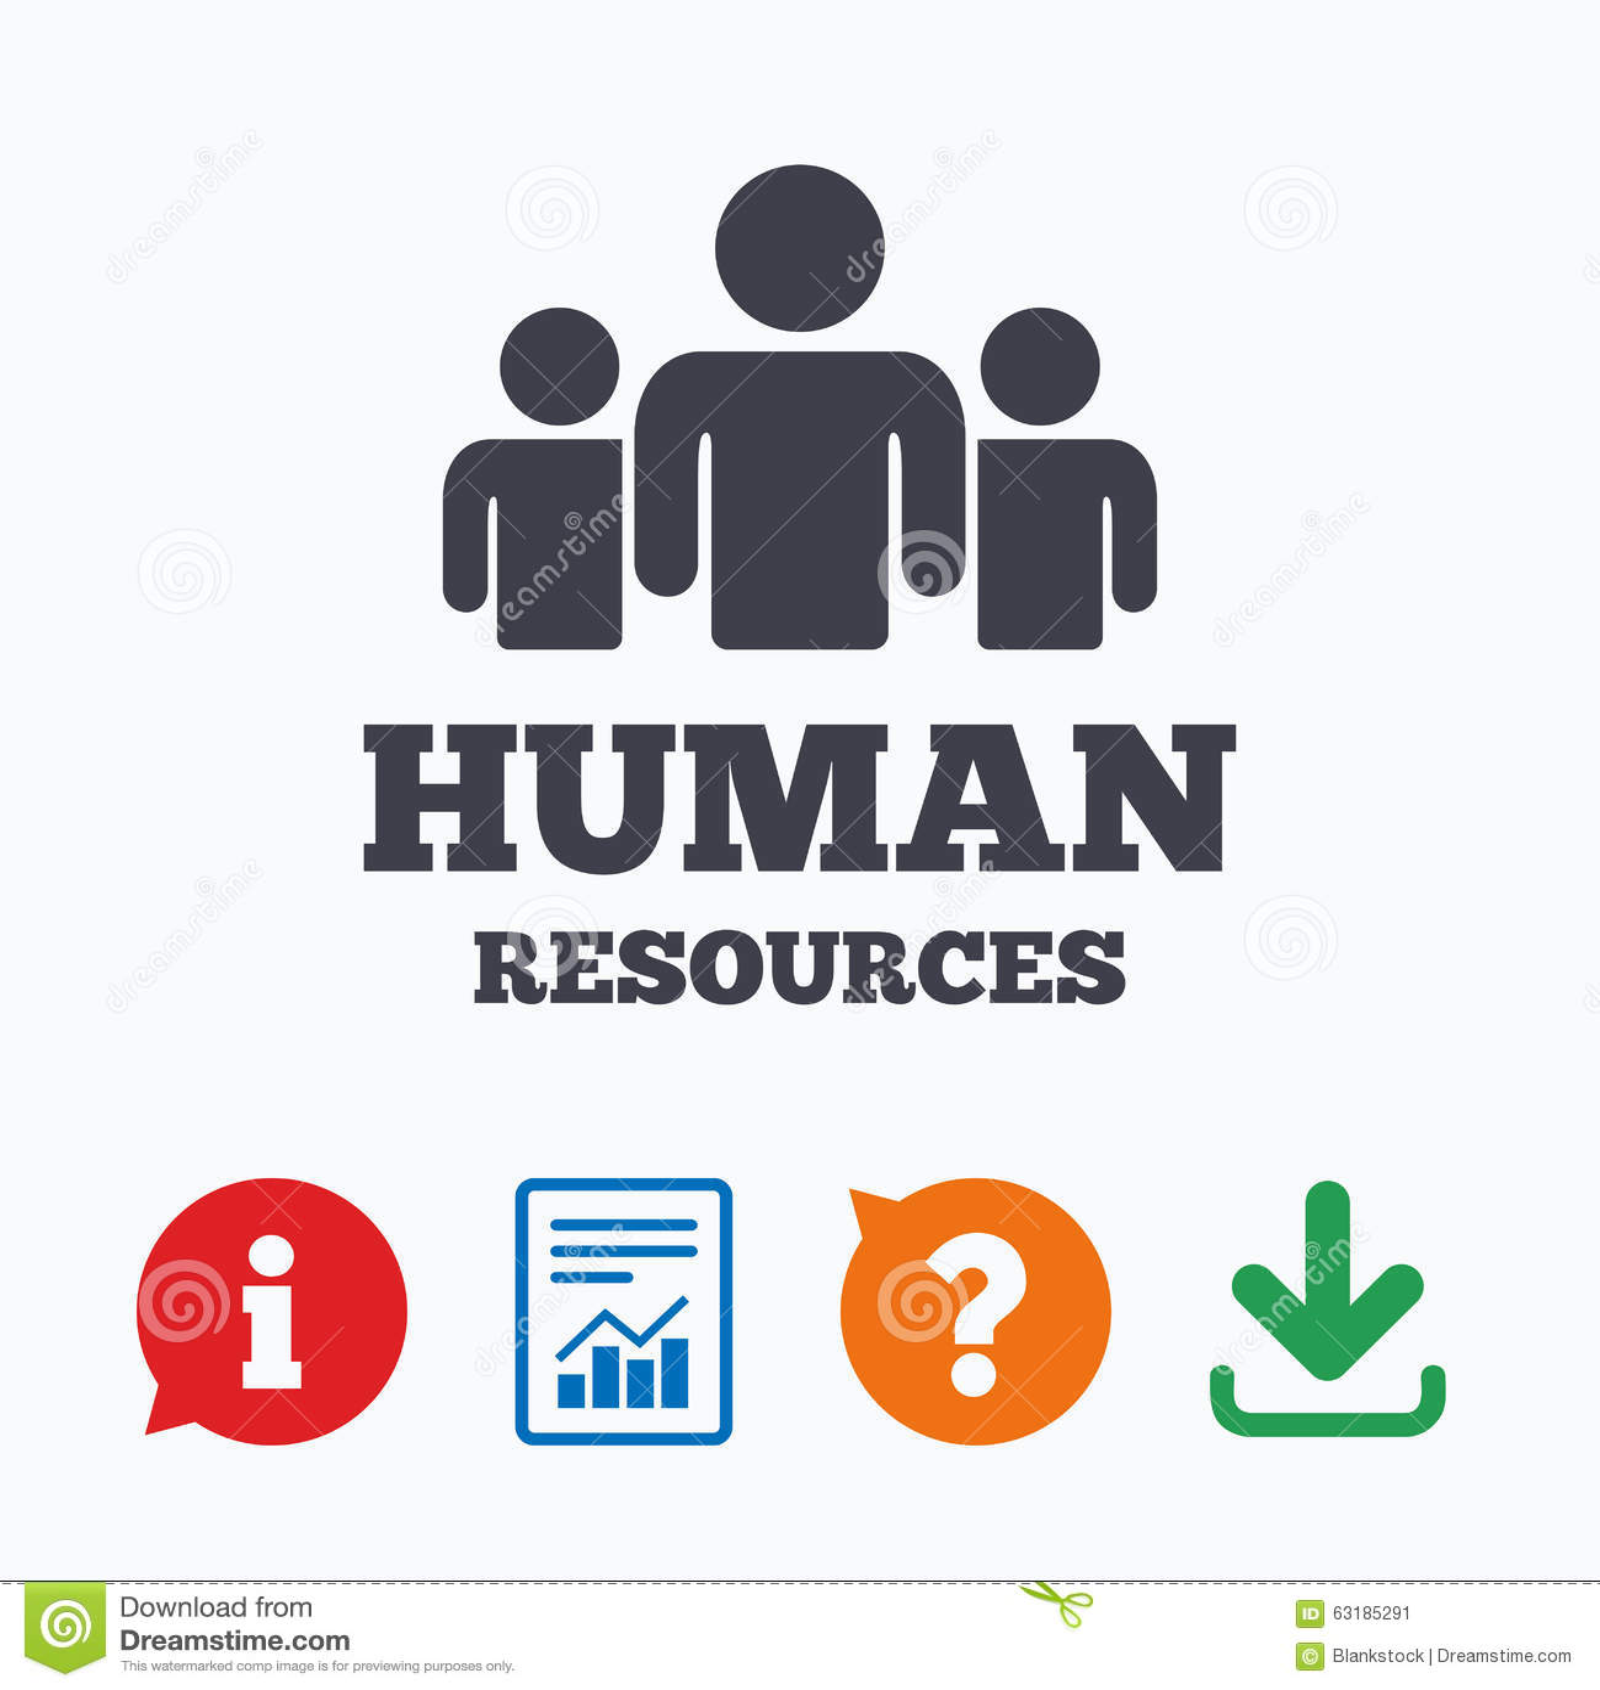 Human Resources free asme downloads